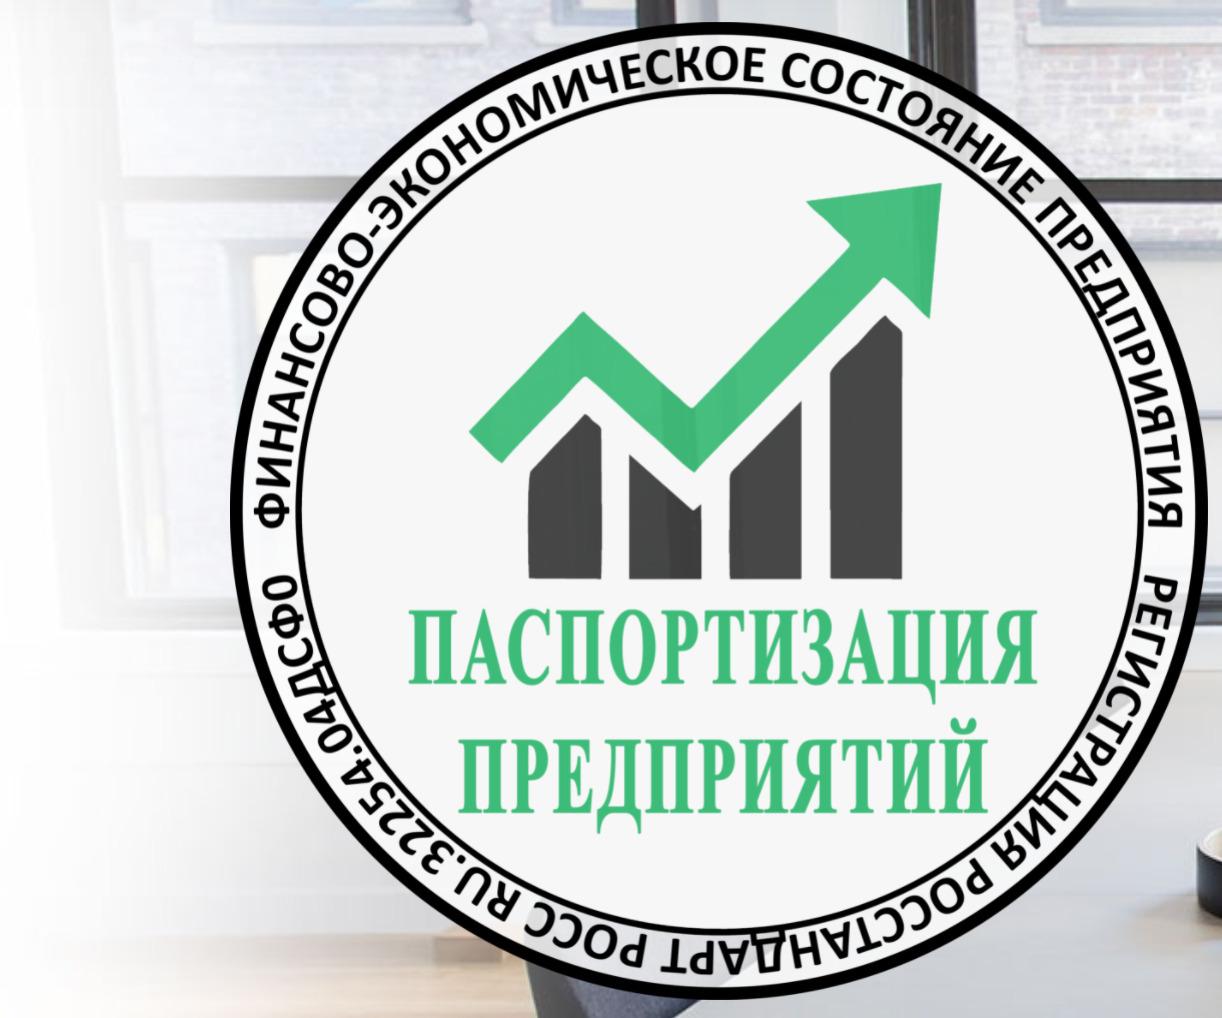 Экономический паспорт как символ финансового здоровья предприятия